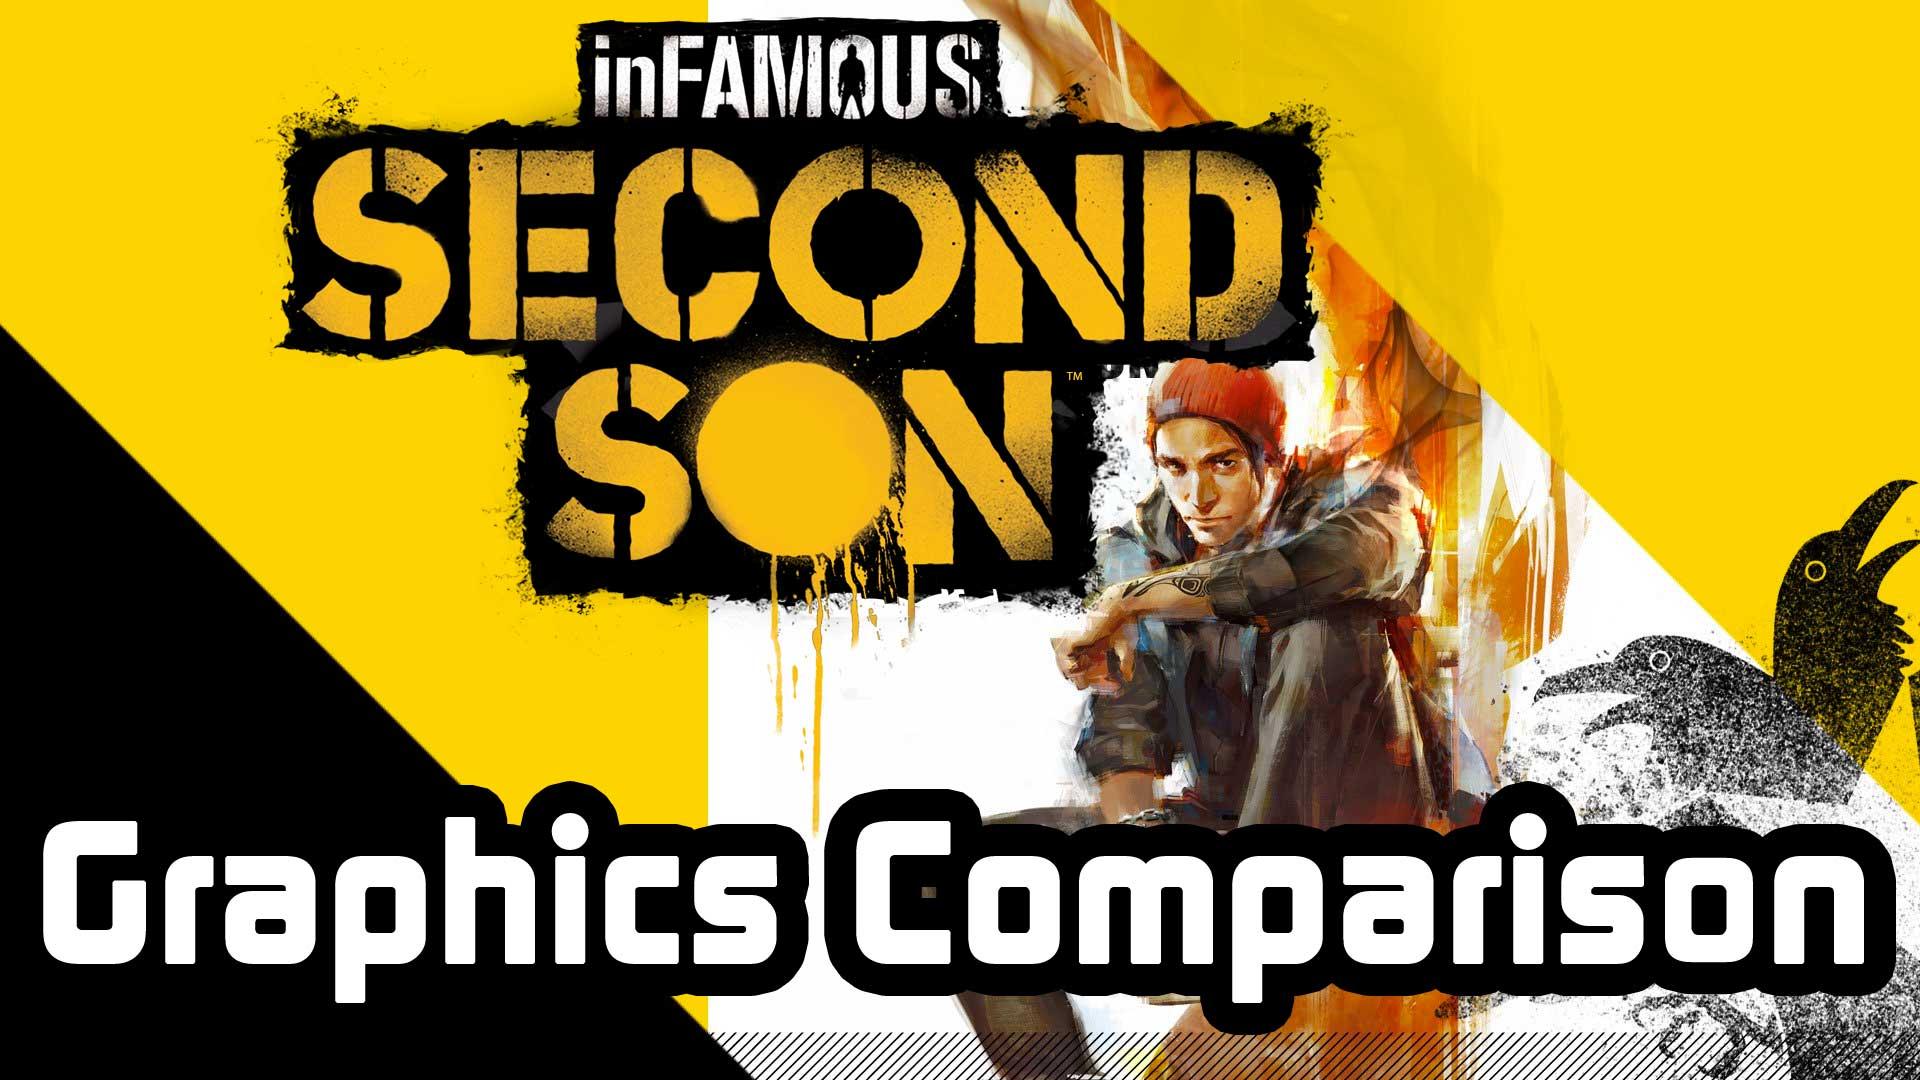 inFamous Second Son Grafikvergleich E3 2013 vs. fertige Version